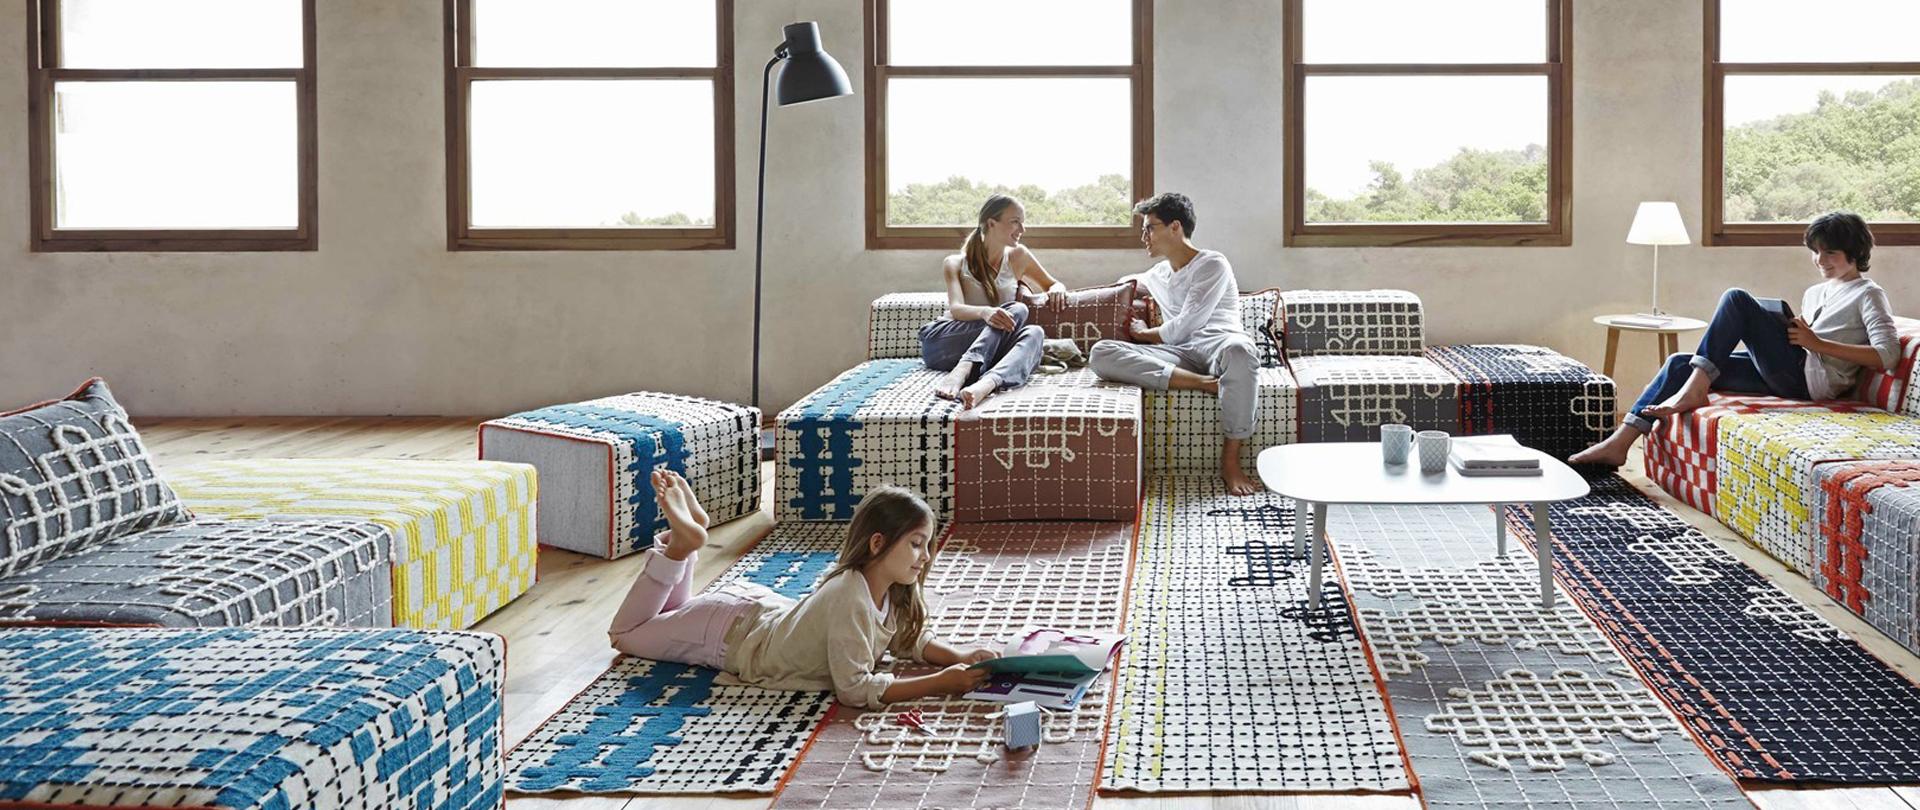 Personalizzare casa con bandas space di patricia urquiola for Personalizzare casa